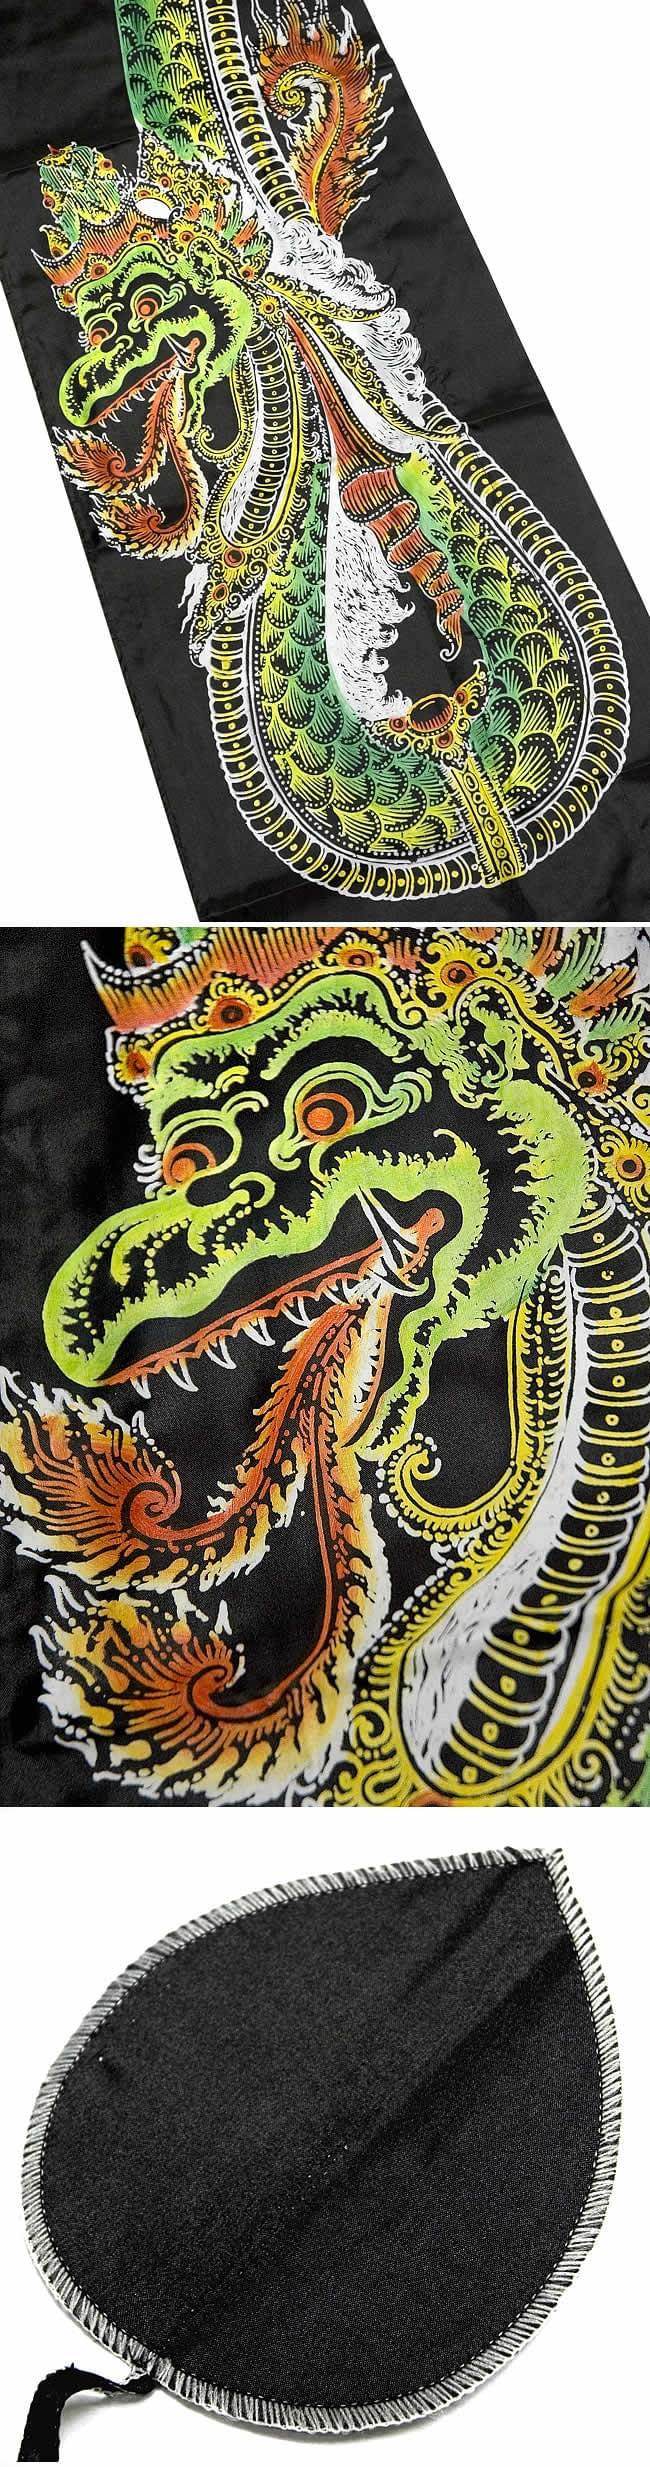 龍プリントウンブル・ウンブル(バリのぼり旗)【約450cm】の写真1